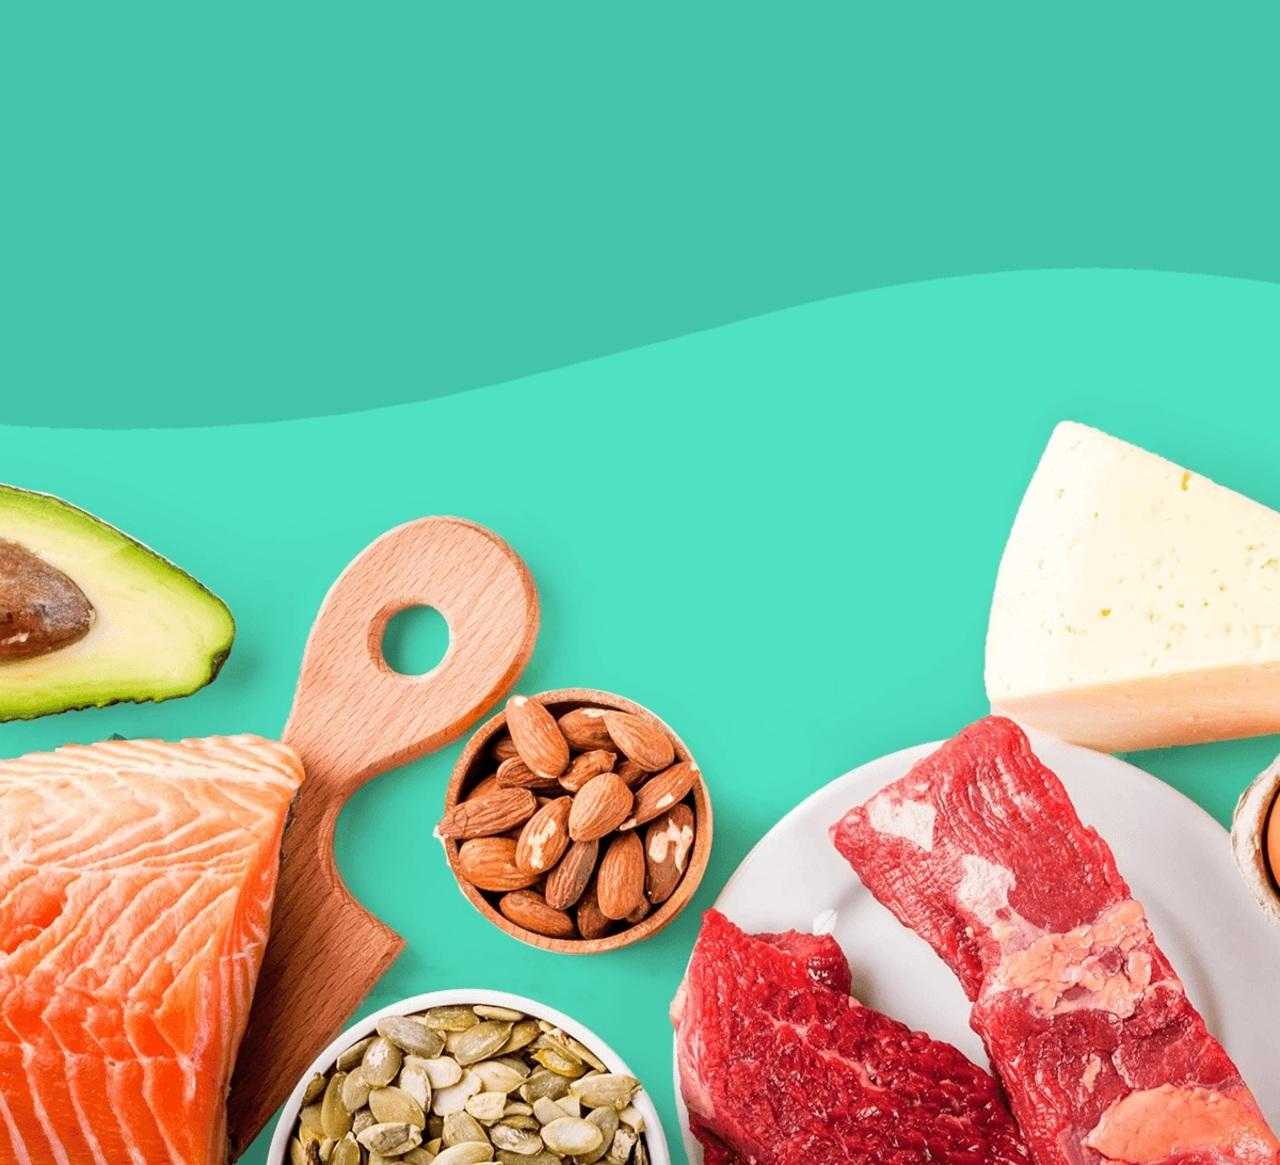 Dieta cetogénica: pros y contras